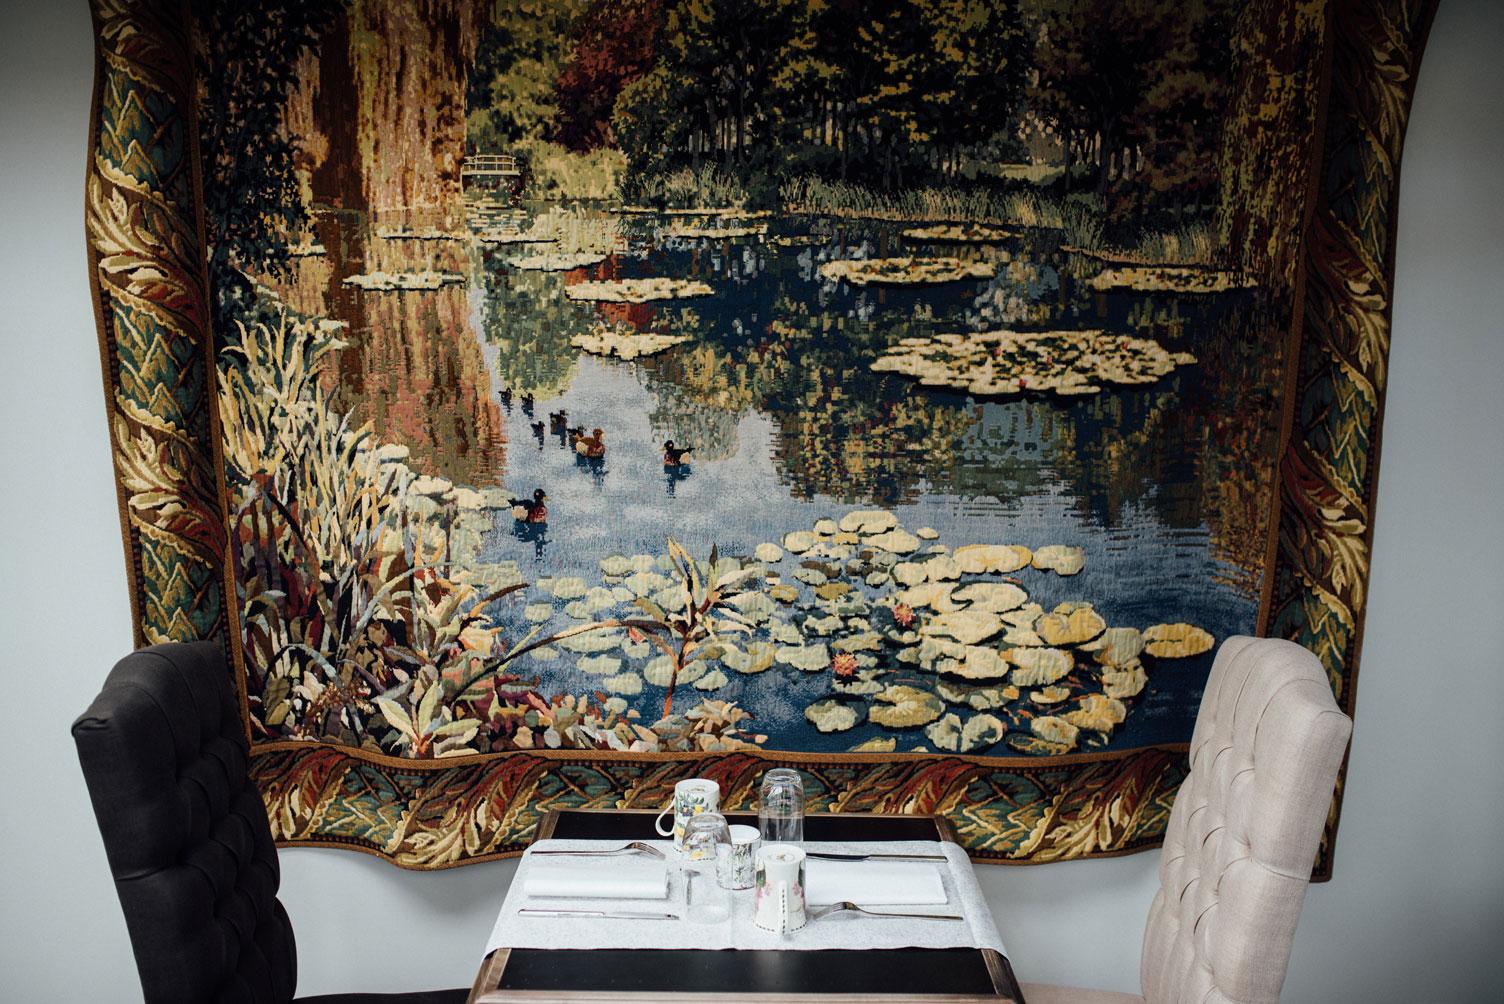 Tapisserie au mur de la salle petits déjeuners de Amirauté Hôtel La Baule